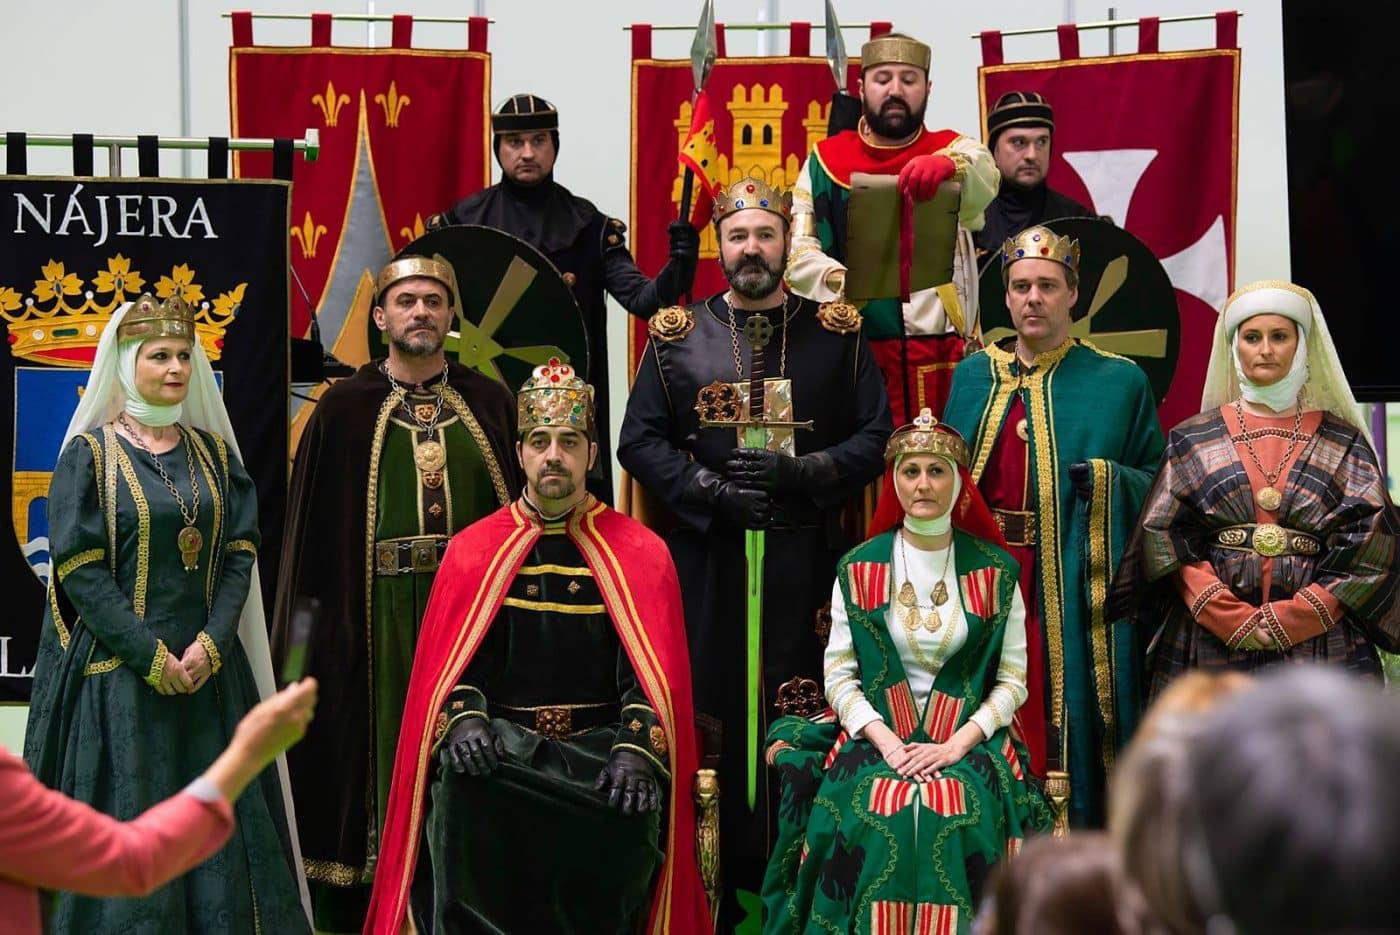 El Reino de Nájera conquista Expovacaciones con una invitada especial 3